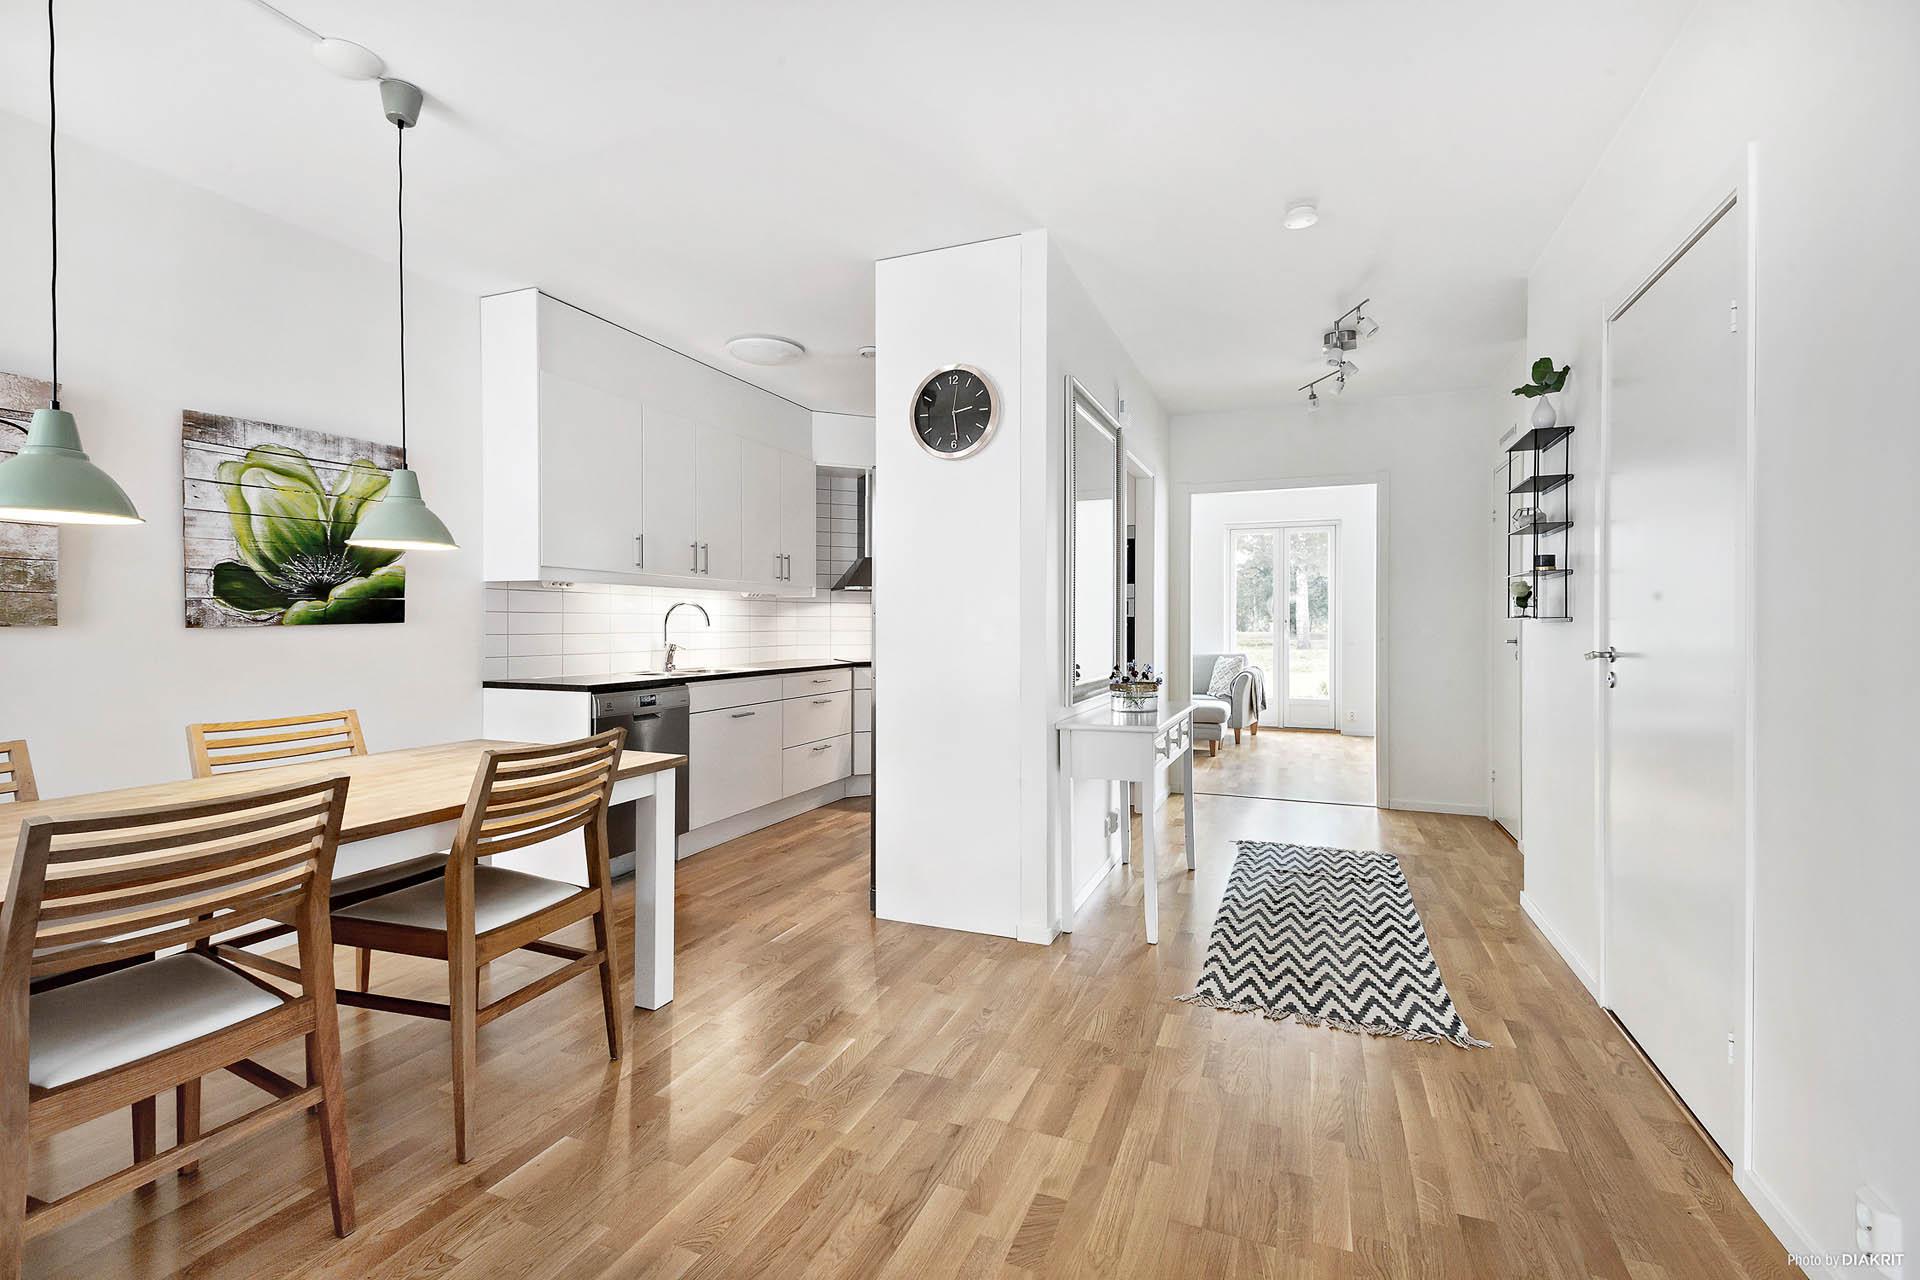 Matplats/kök och hall till vardagsrummet